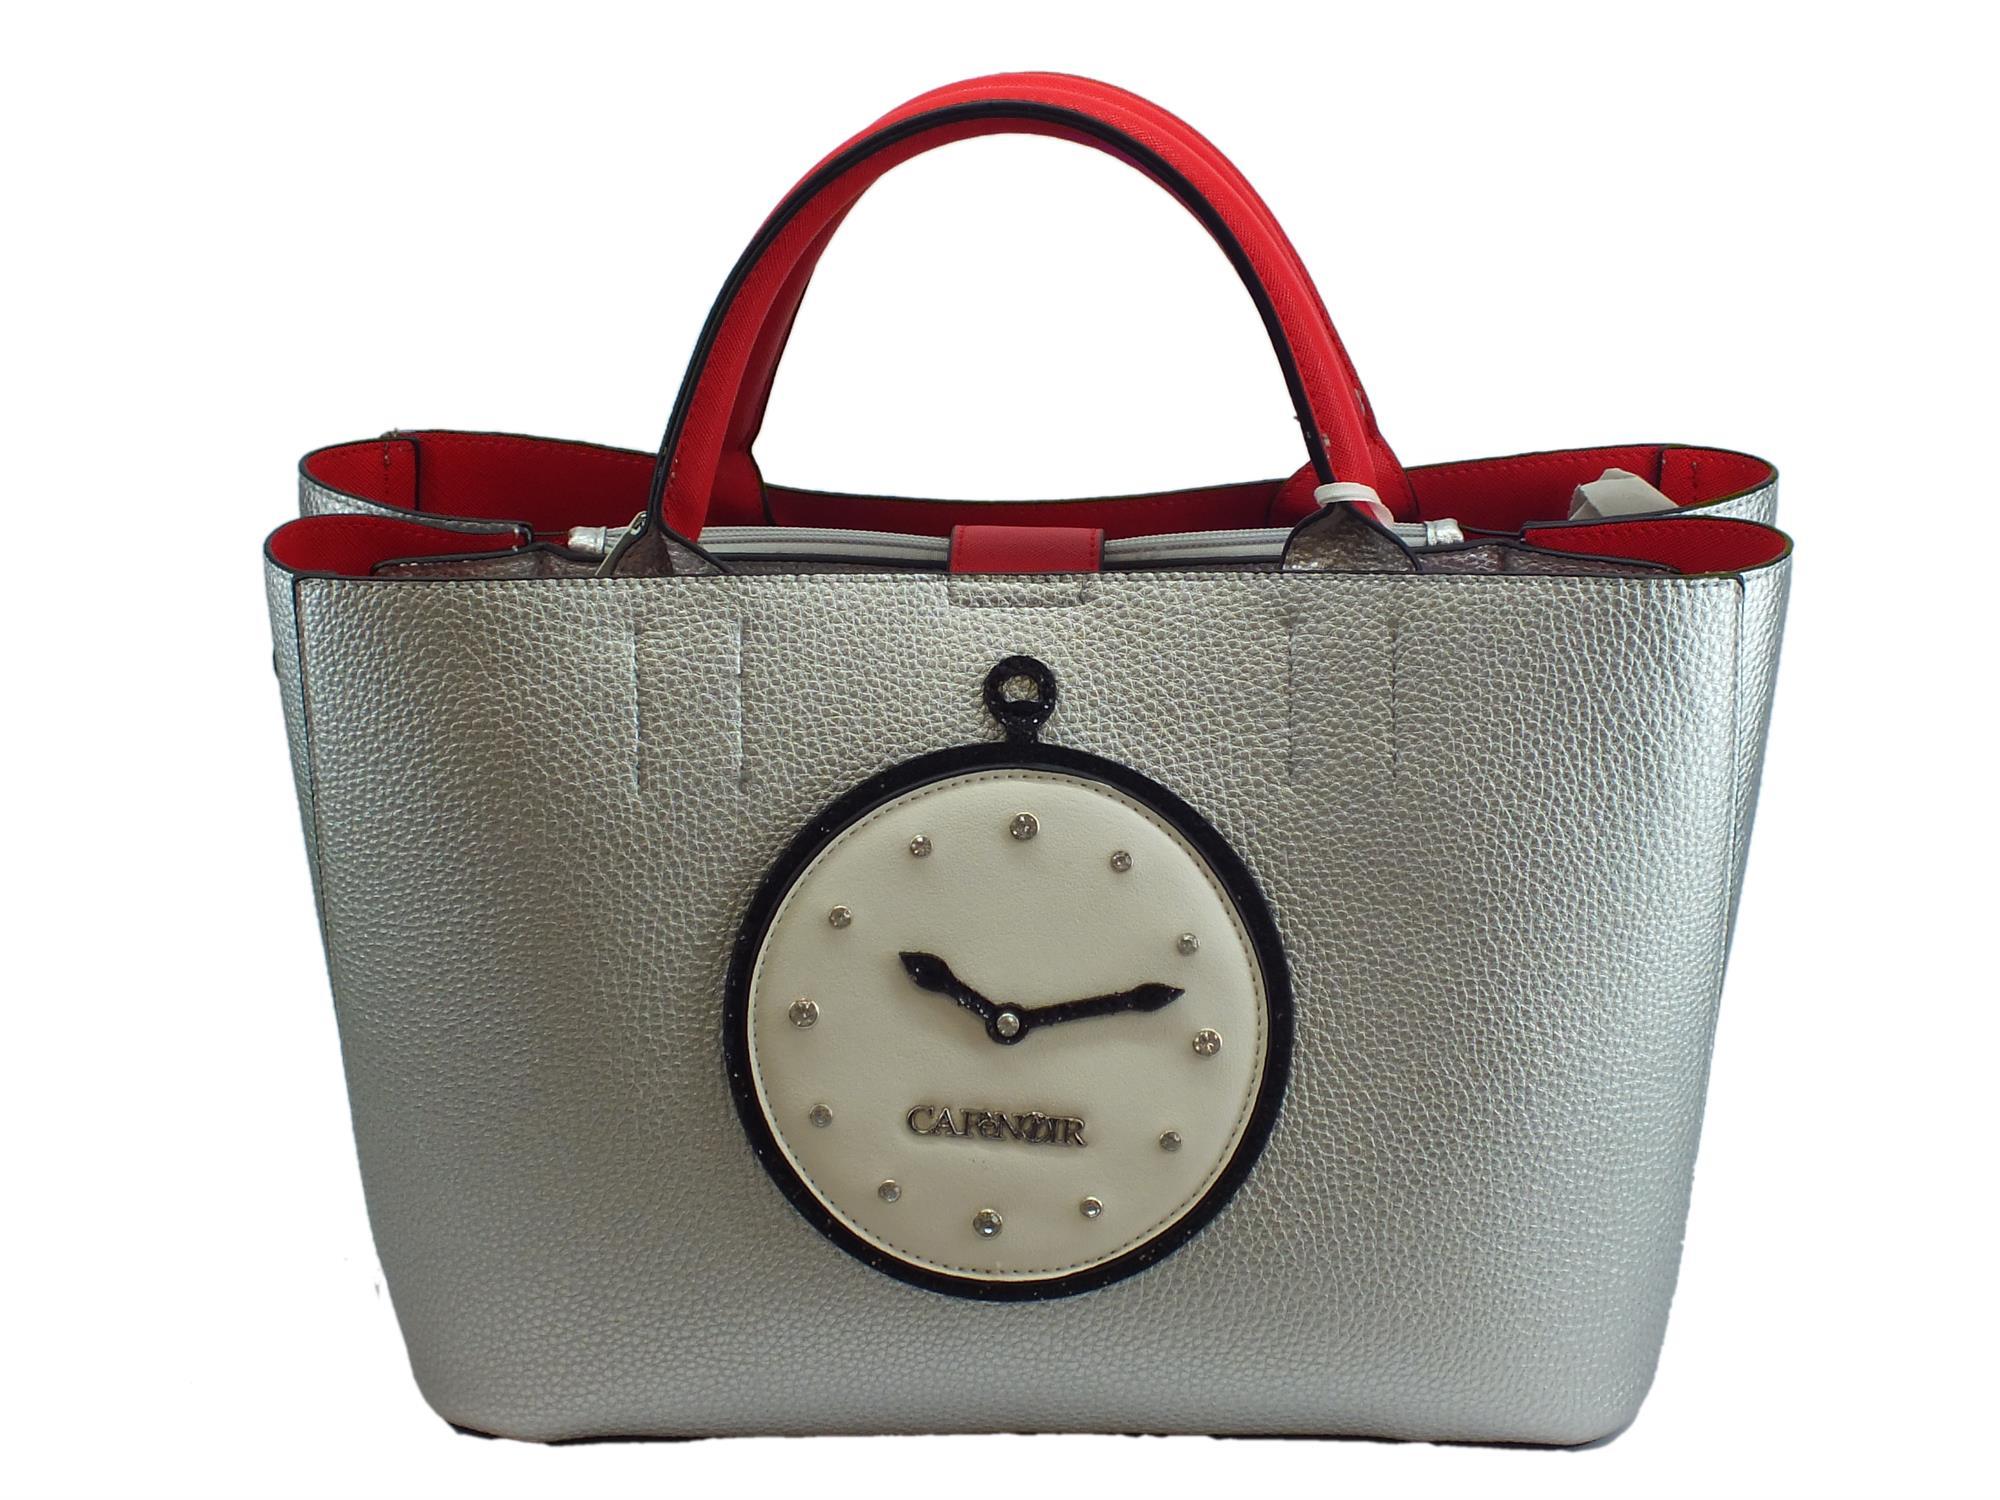 Borsa CafèNoir ecopelle argento rosso saffiano orologio - Vitiello ... f87e13f1788